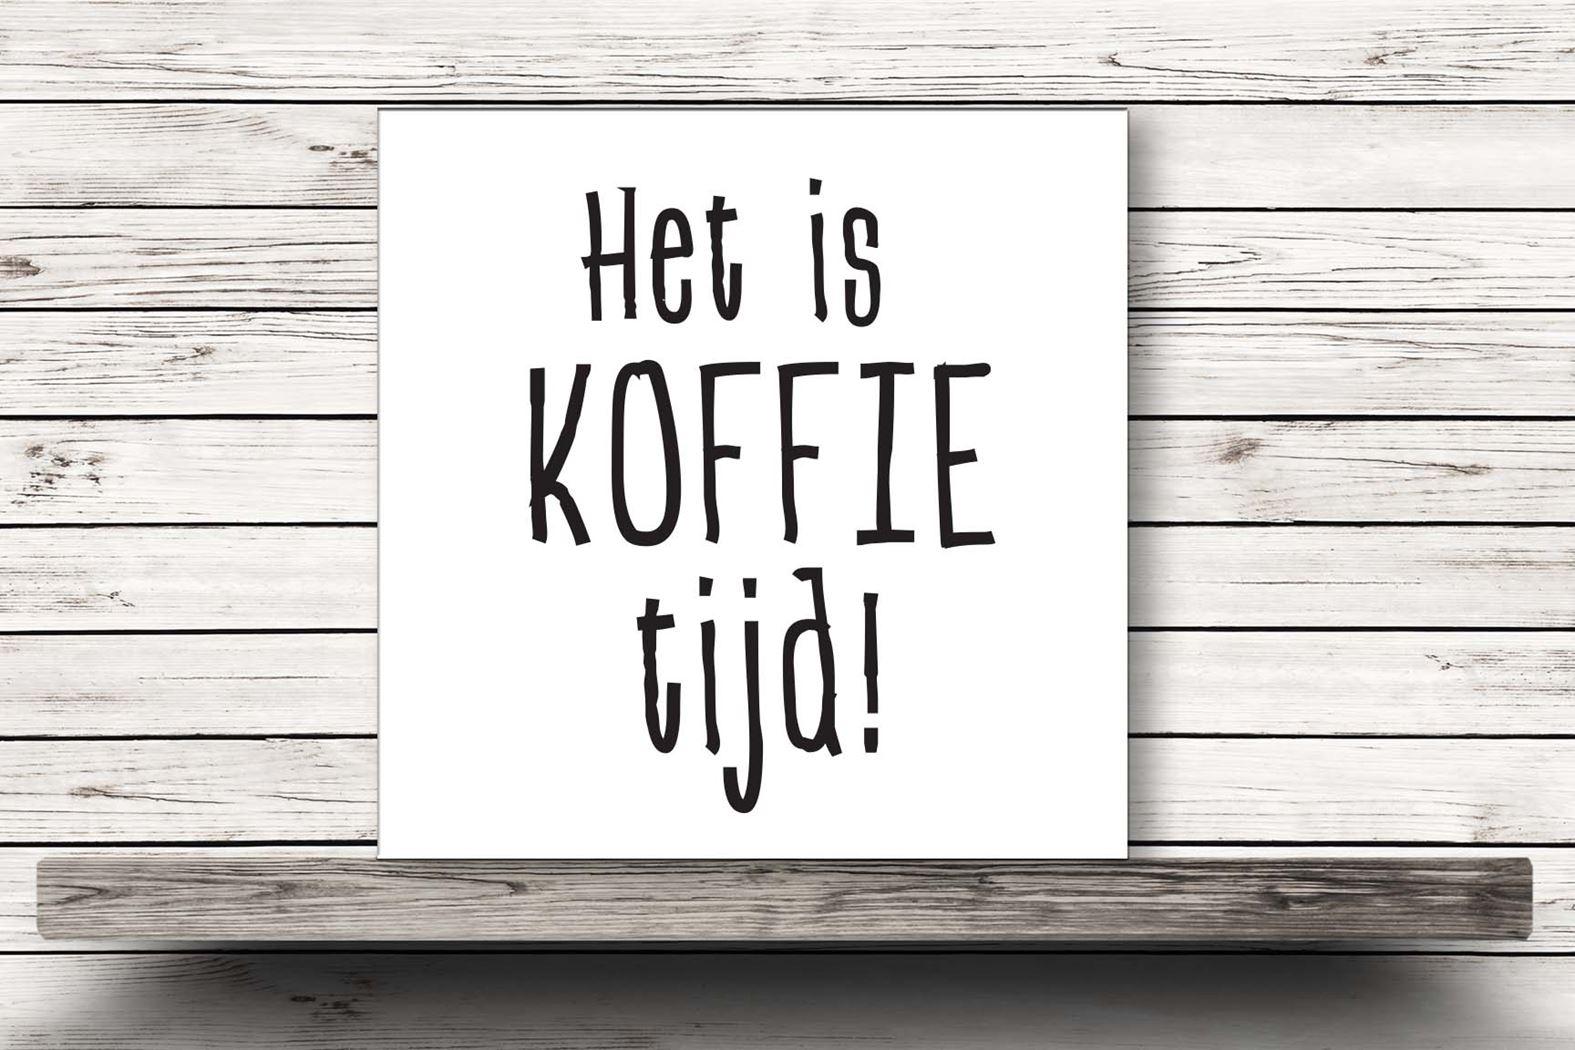 onderzetter wit - het is koffietijd!